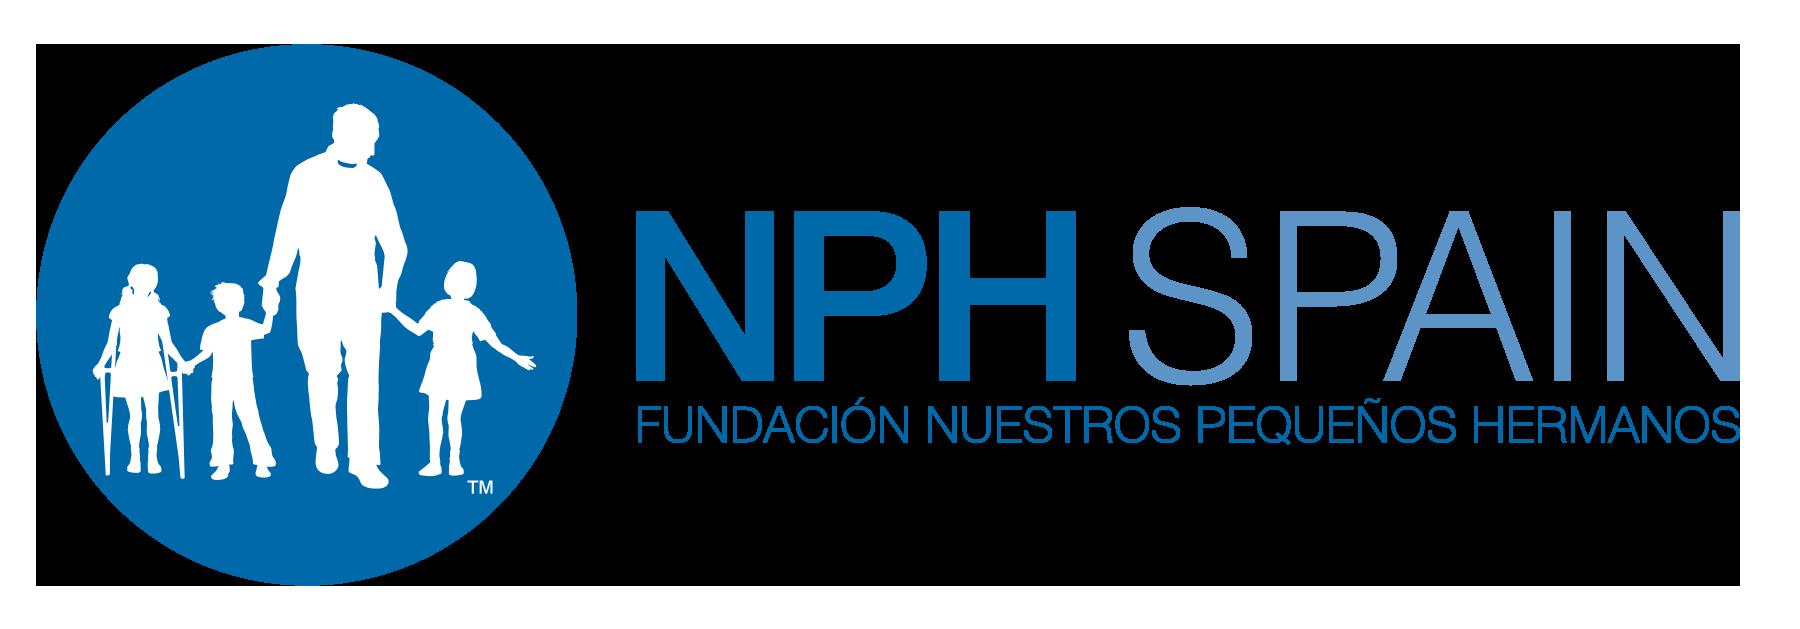 Fundacion NPH España